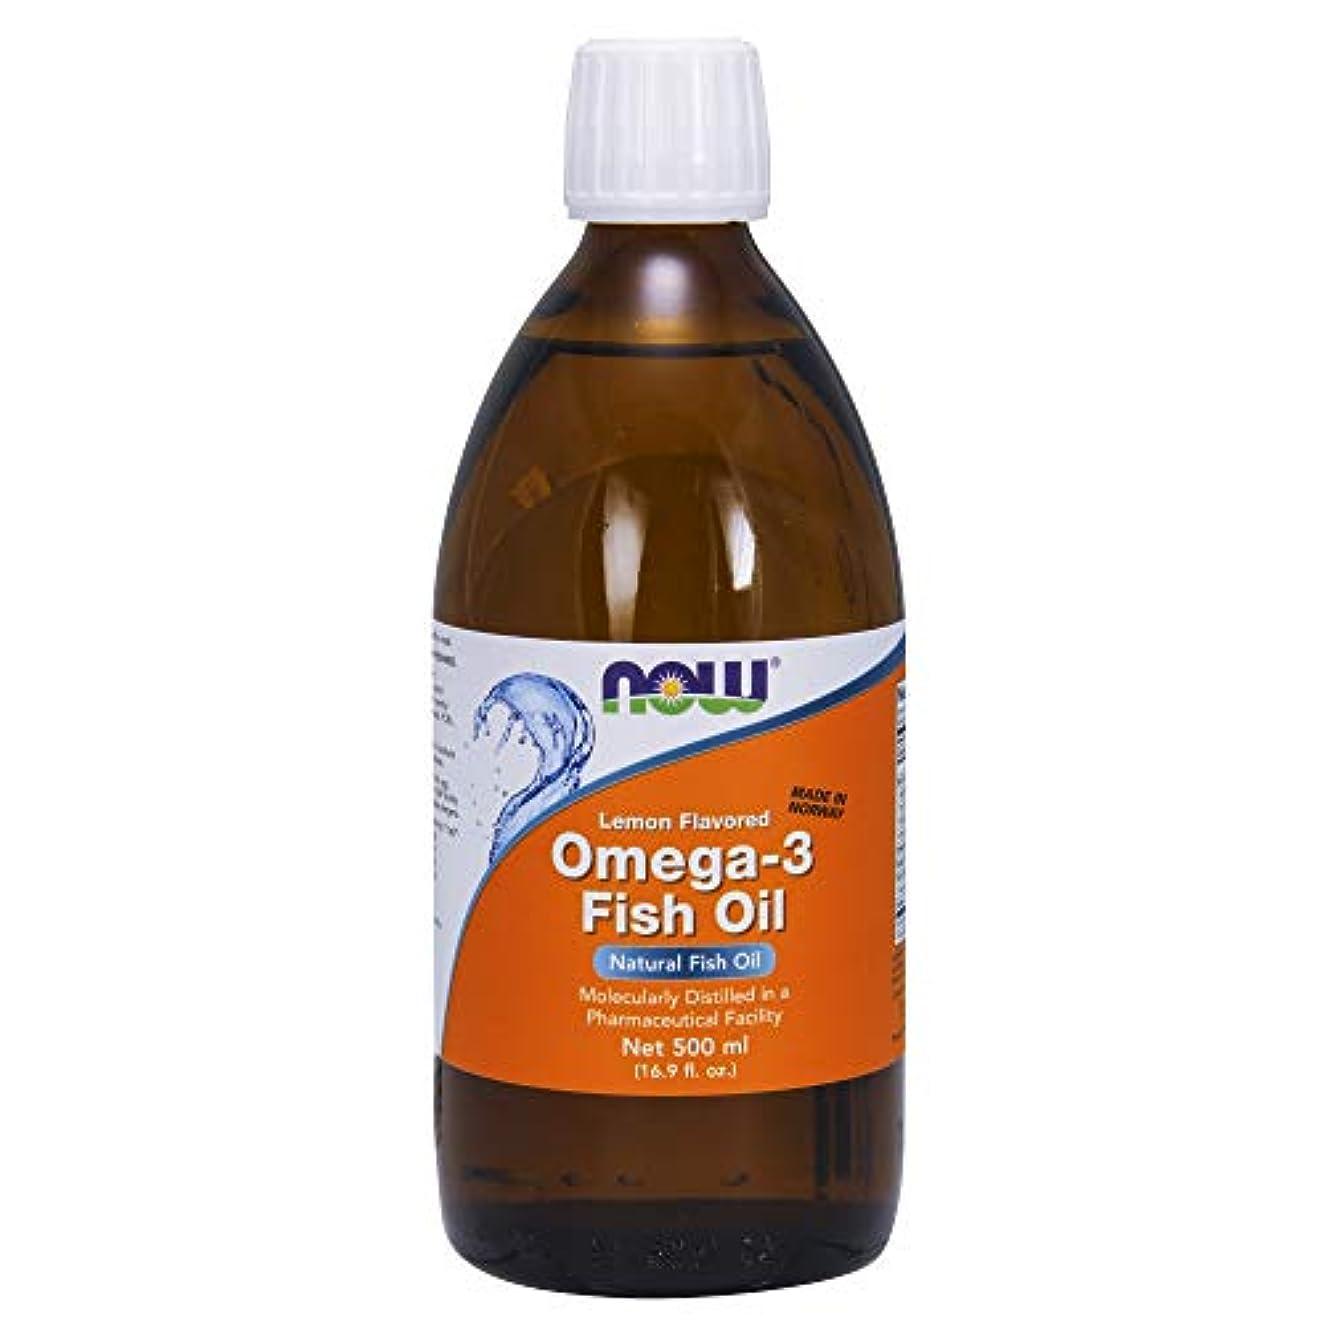 乙女釈義いう[海外直送品] ナウフーズ  Omega-3 Fish Oil Lemon Lemon 16.9 oz